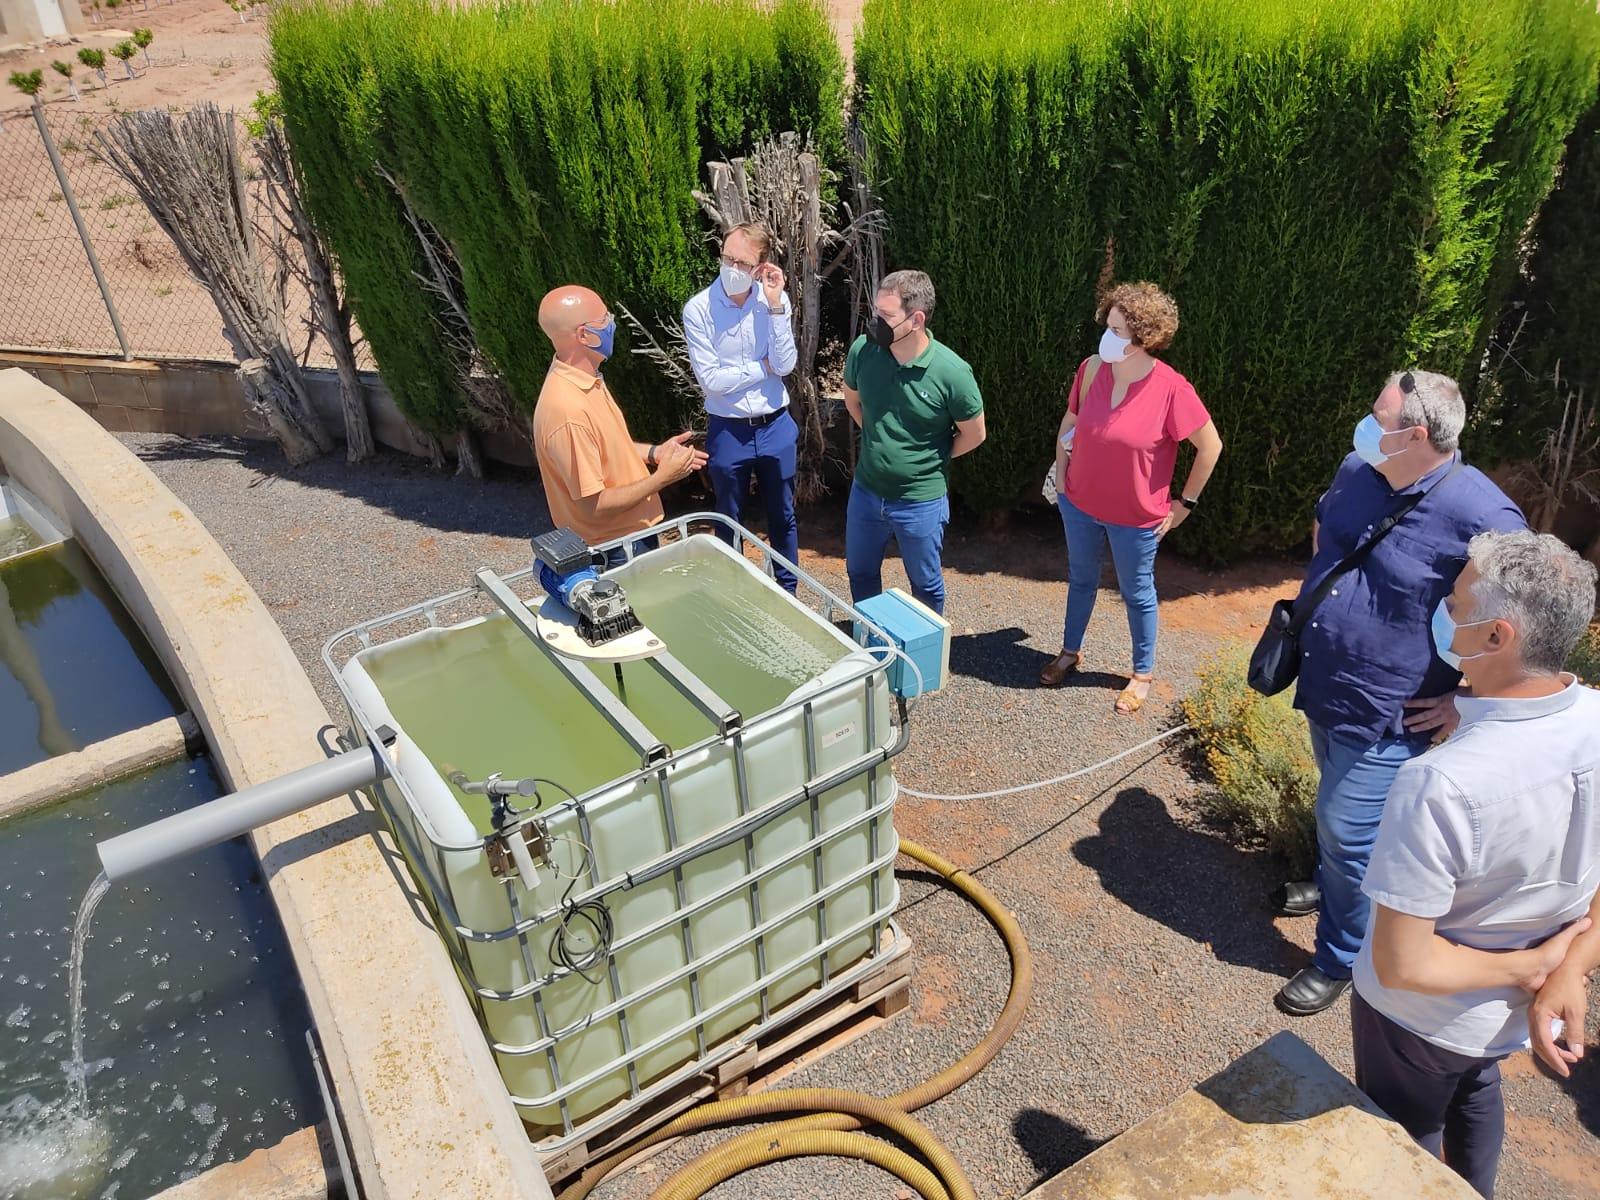 Garcia conoce un nuevo sistema de tratamiento de aguas residuales más respetuoso con el medio en la EDAR de Almenara